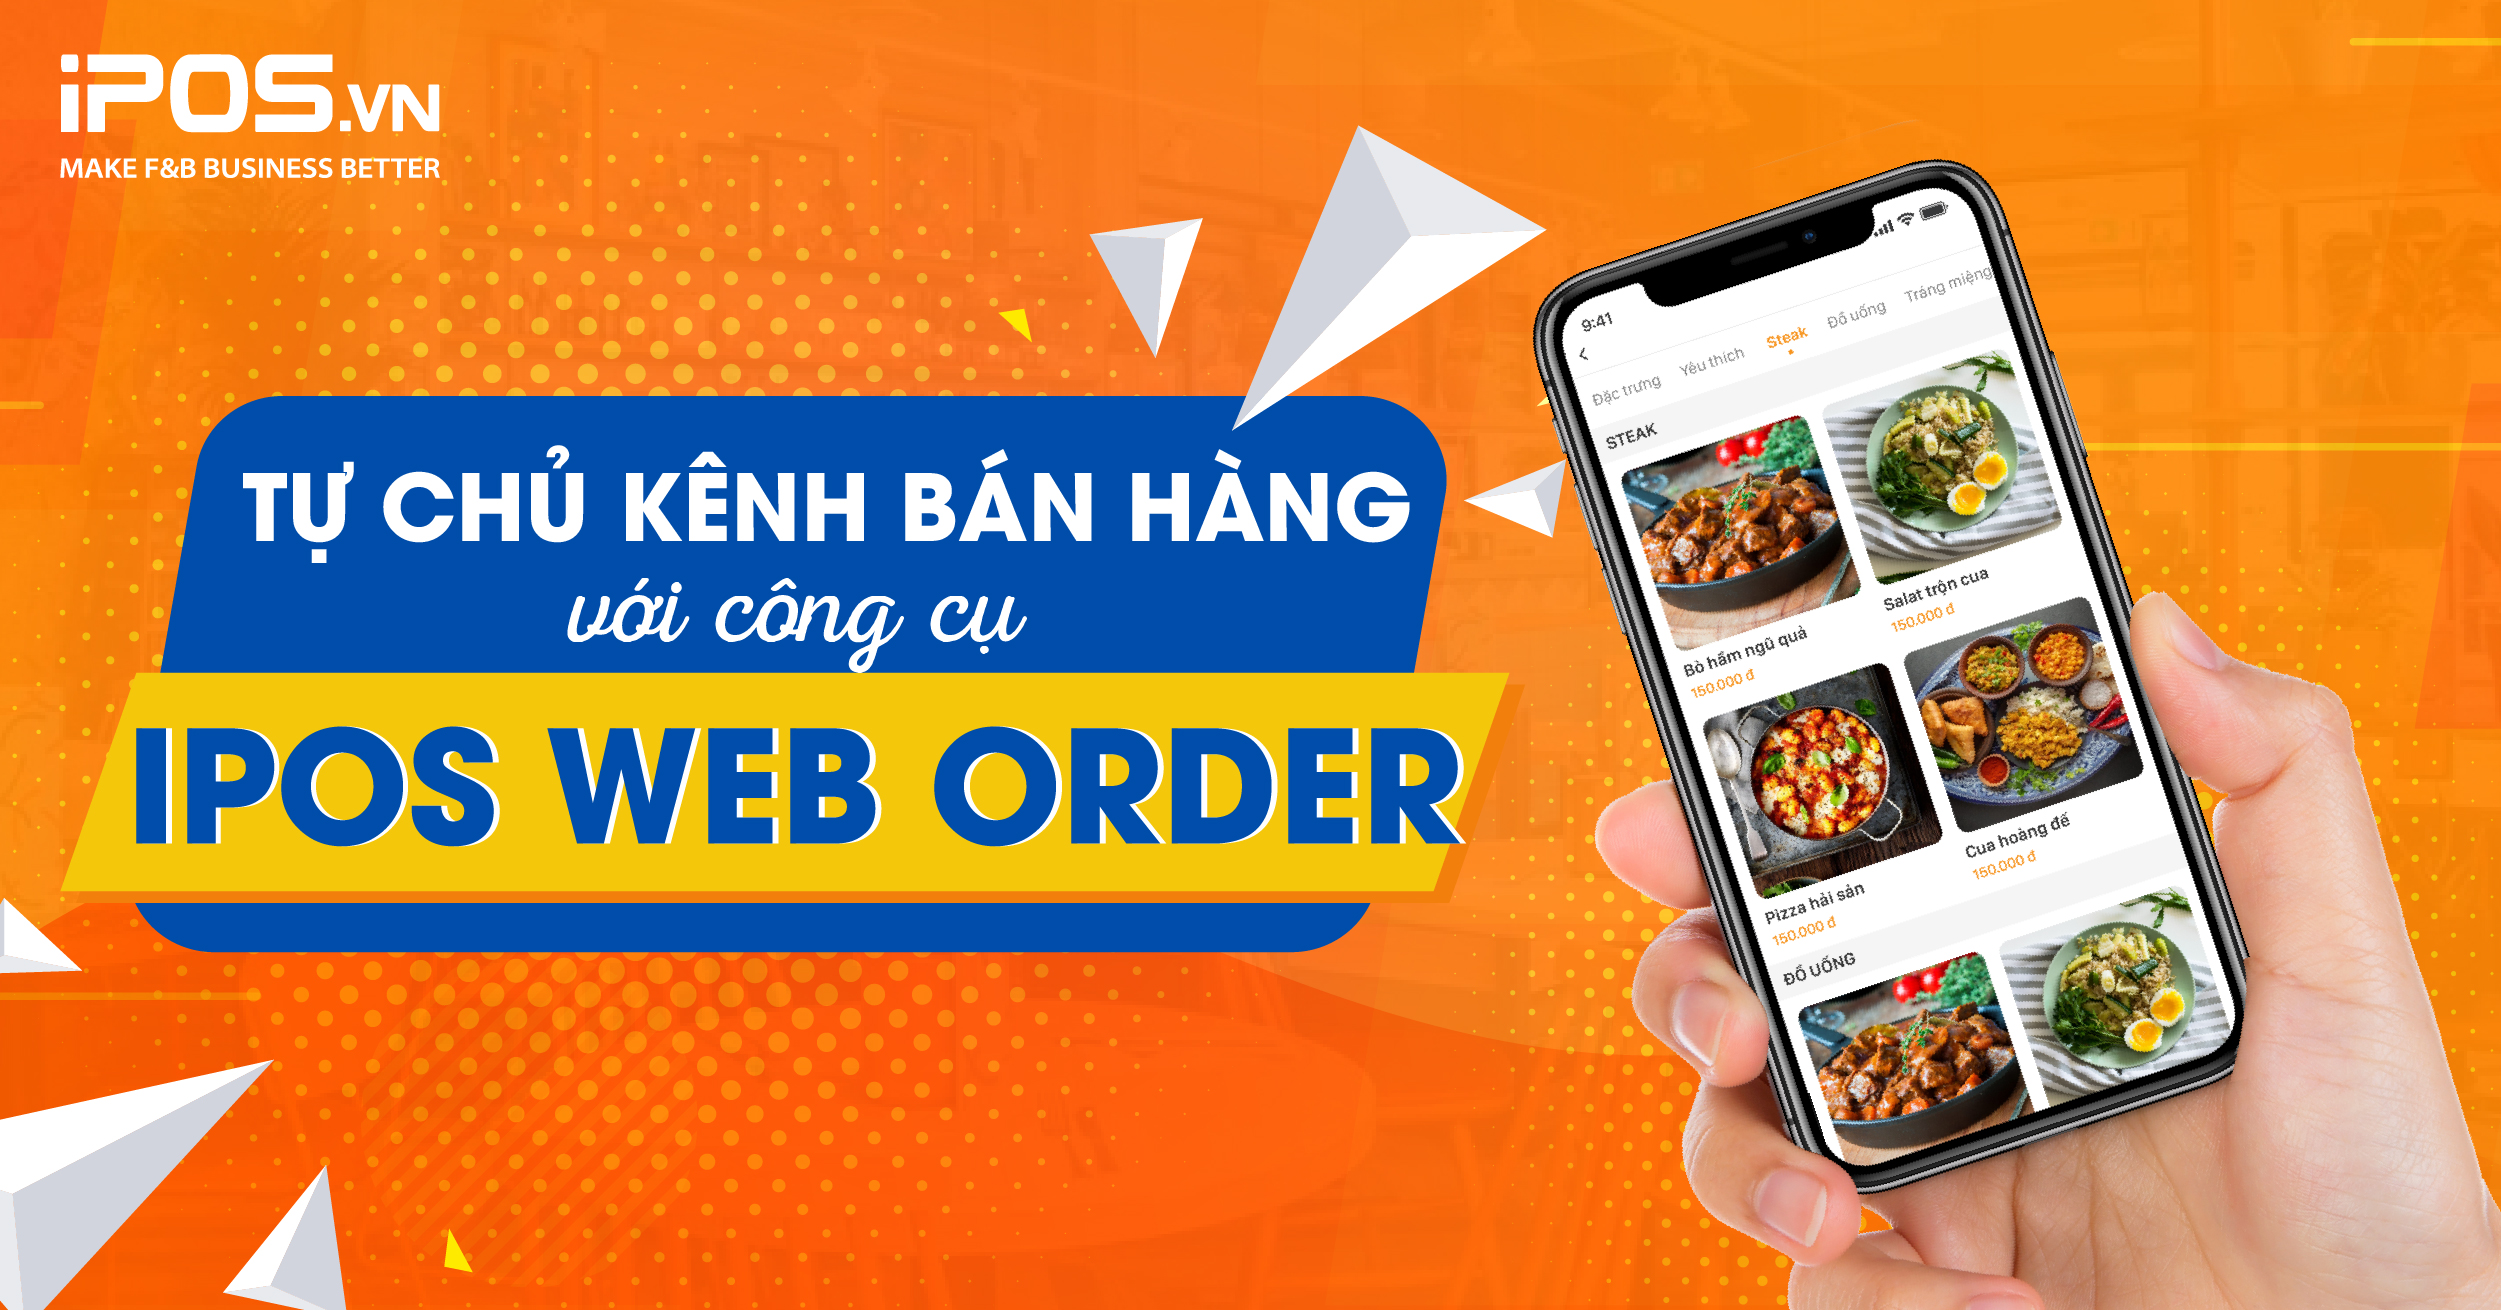 iPOS Web Order